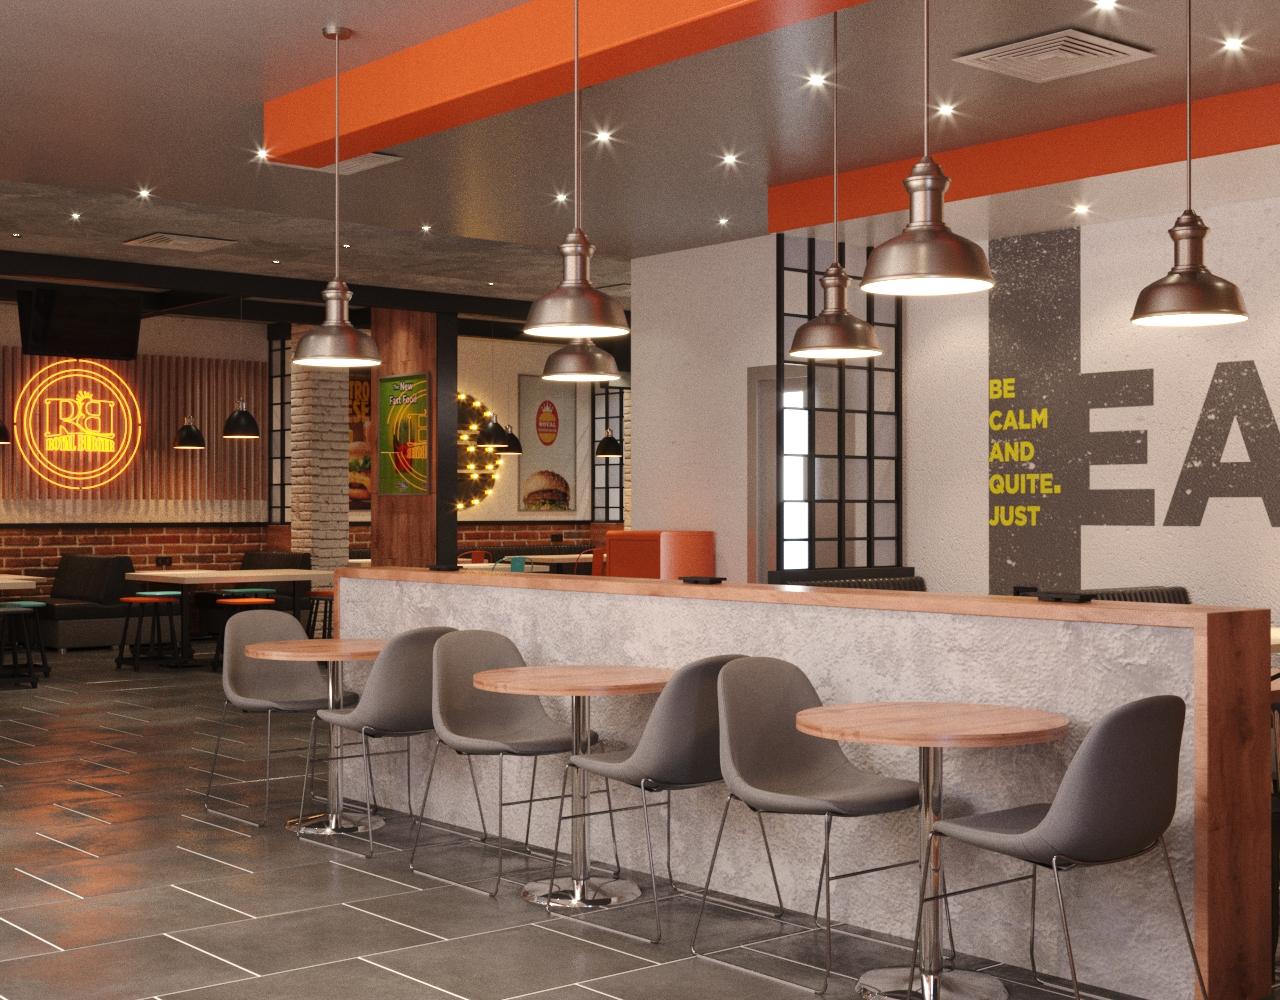 Обновление интерьера кафе  фото f_12859cea9c32c3ea.jpg